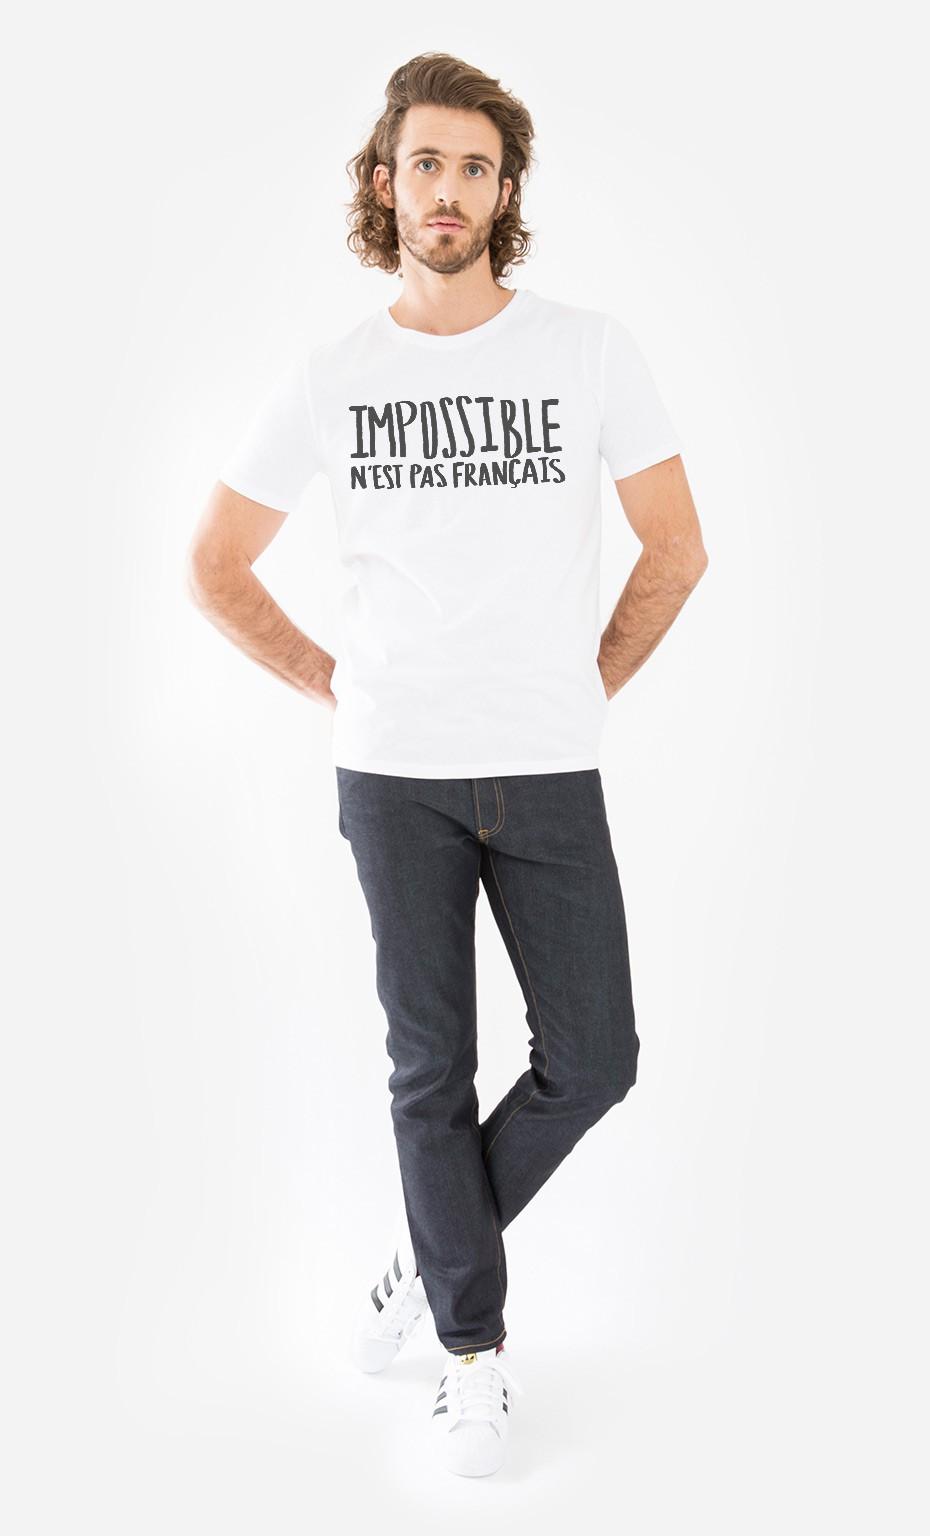 440da076b3043 T-Shirt Homme Impossible N'est Pas Français léger - Wooop